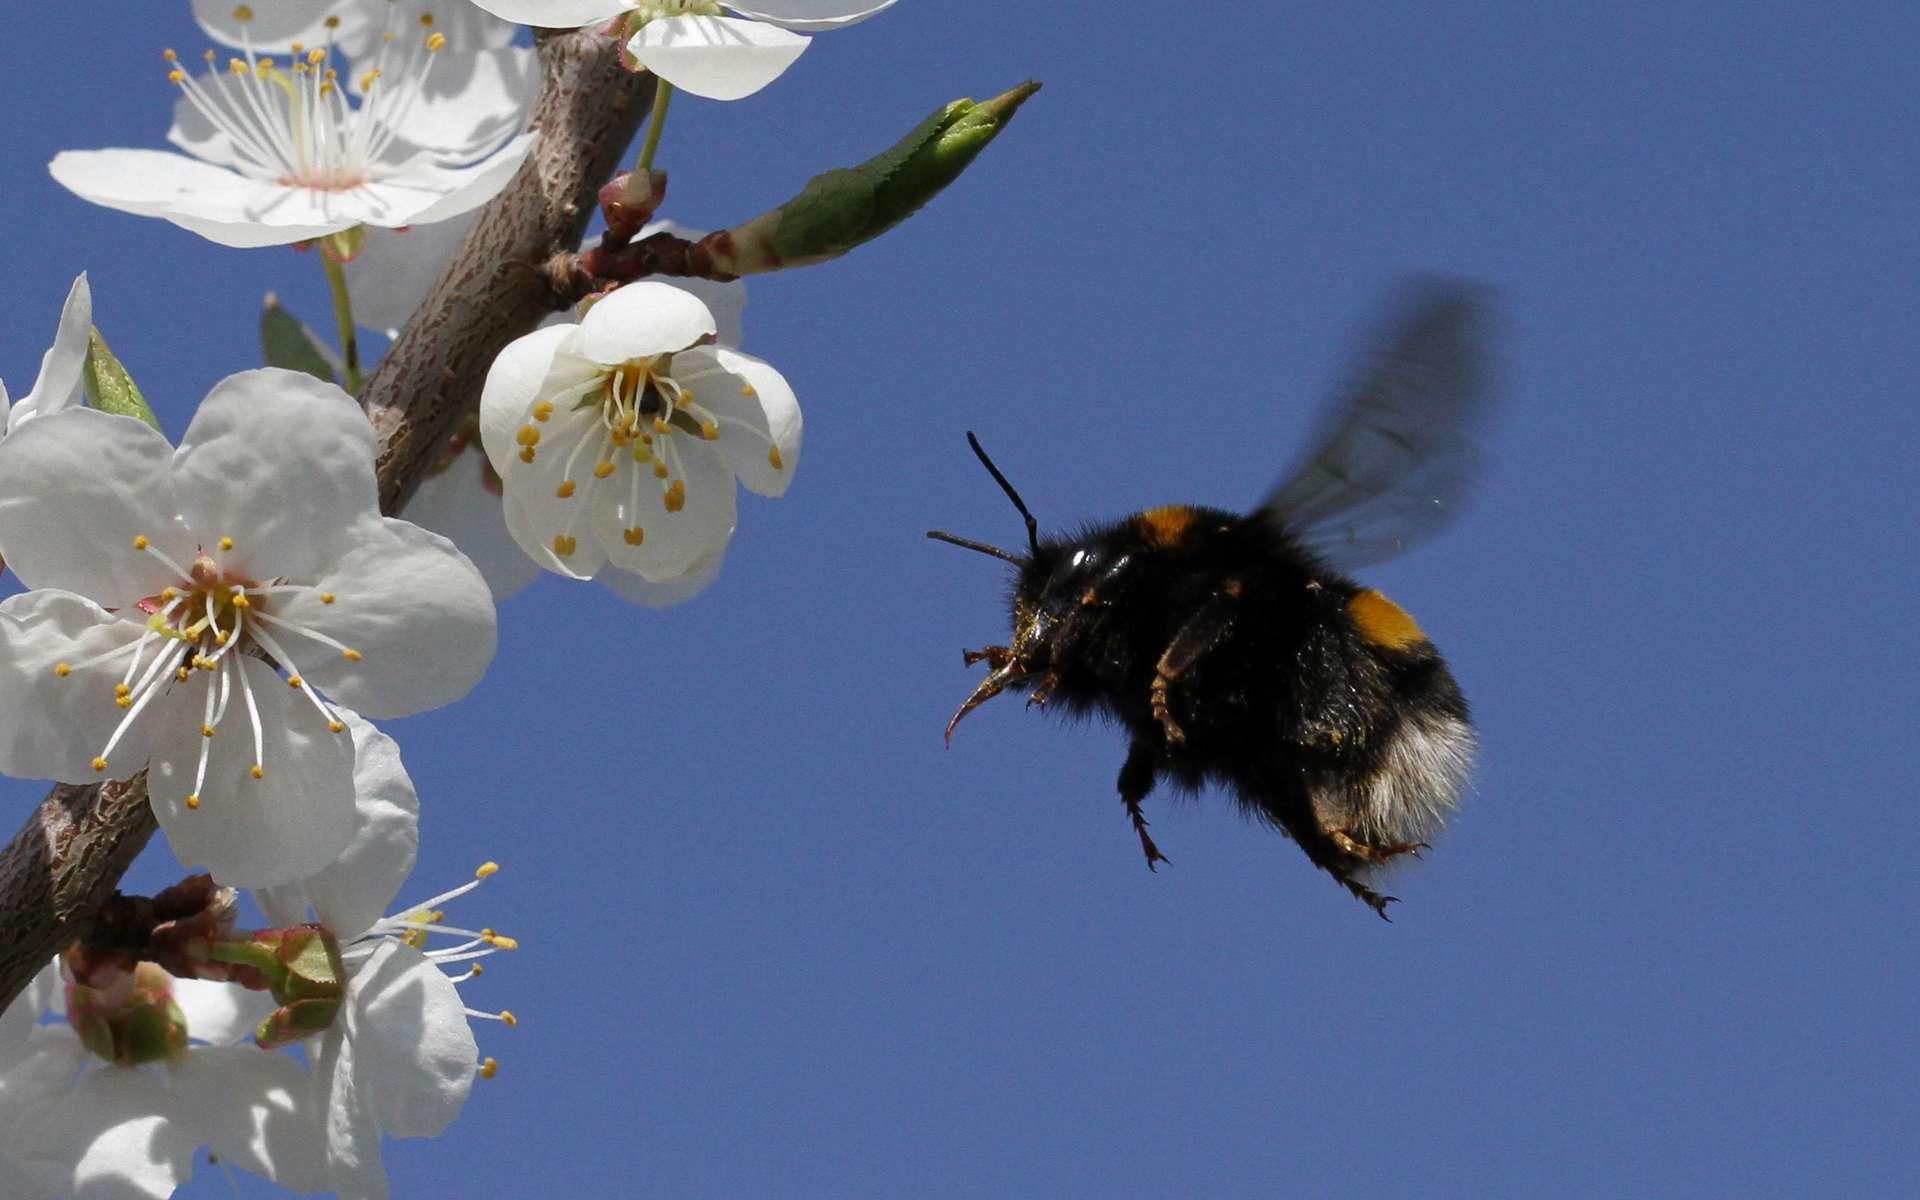 Certains arbres fournissent pollen et nectar en quantité aux abeilles pour nourrir la ruche et fabriquer leur miel. © Peyman Zehtab Fard, Flickr